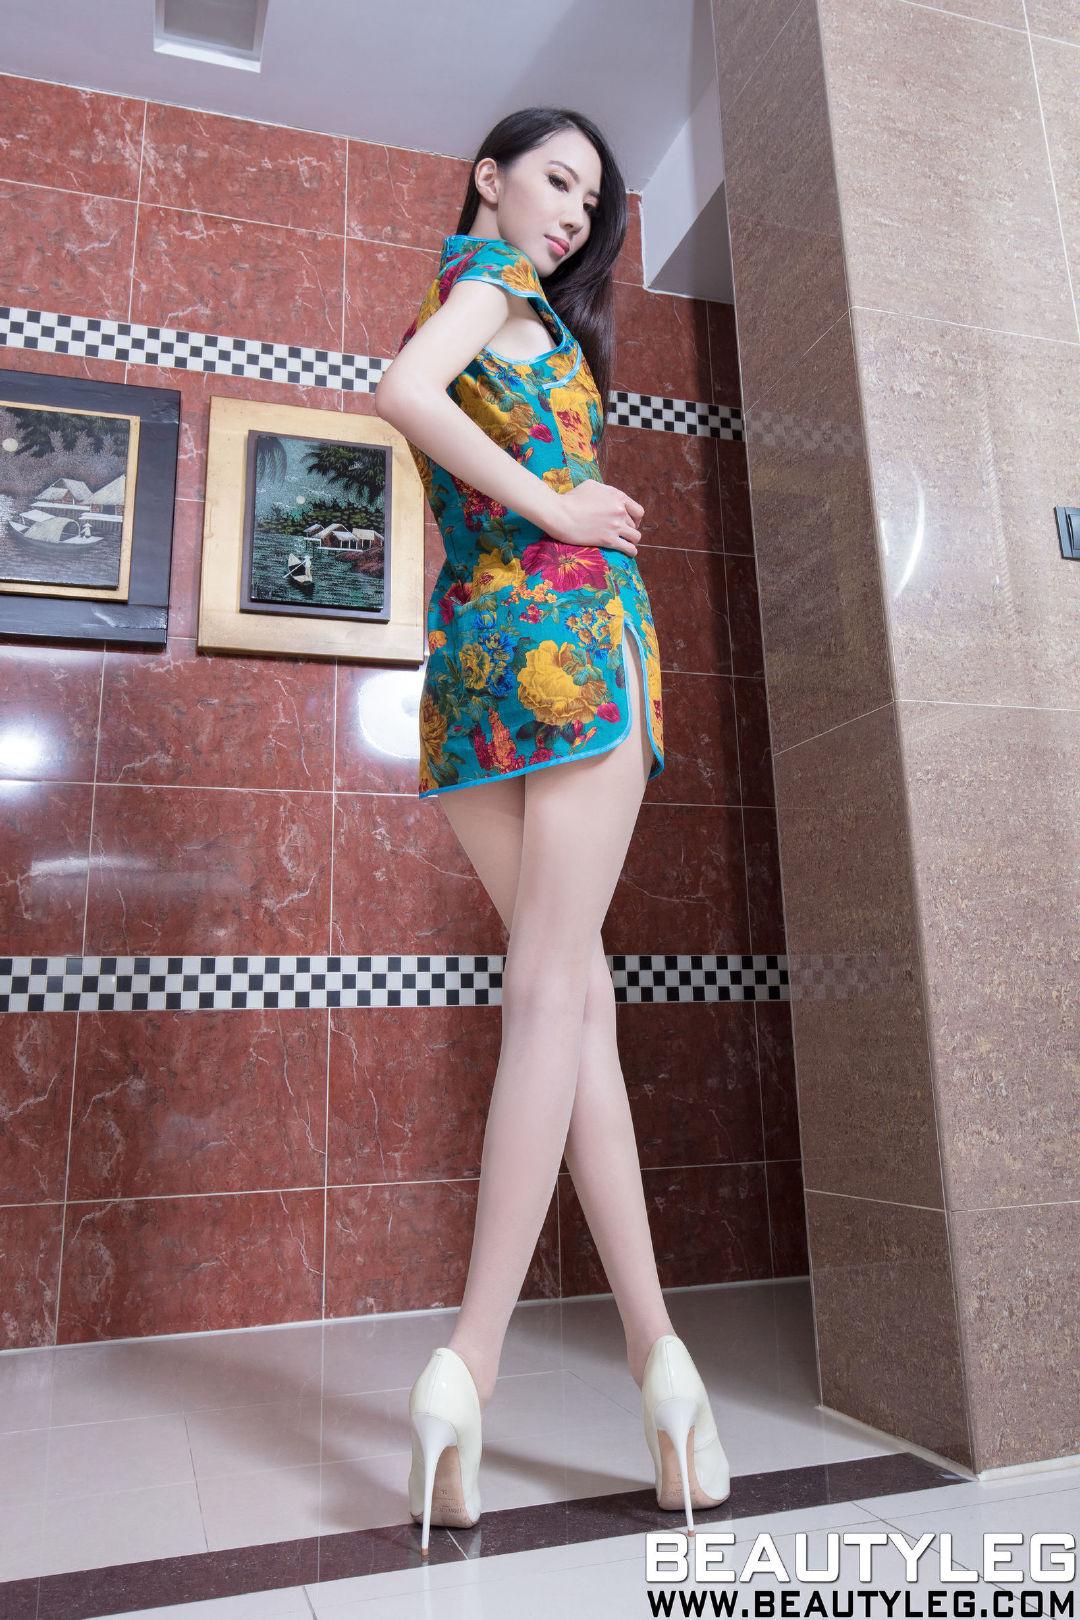 旗袍真的很美 发现美